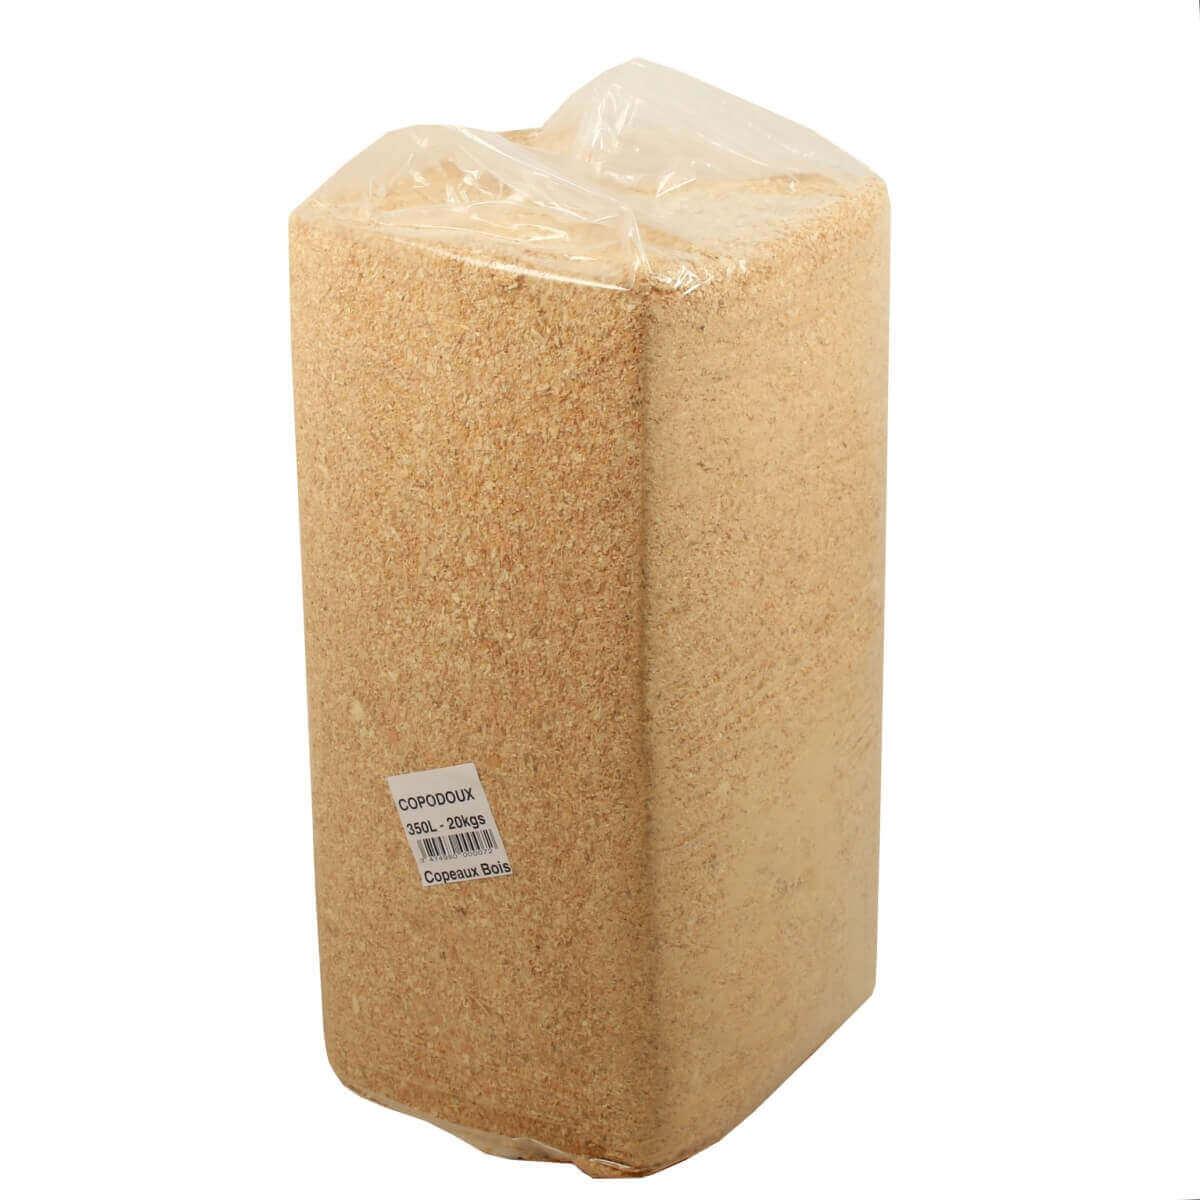 Copeaux sans poussière Copodoux 1 à 20kg_4